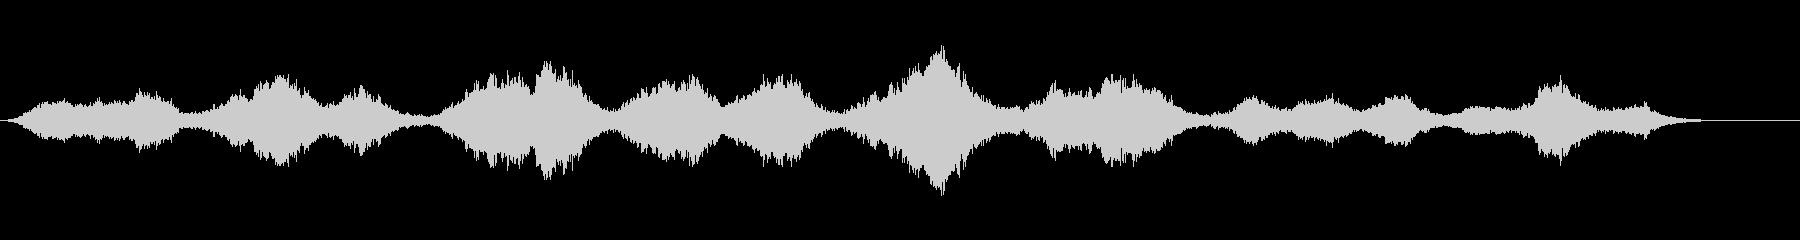 音楽:不気味なスローサックス。の未再生の波形